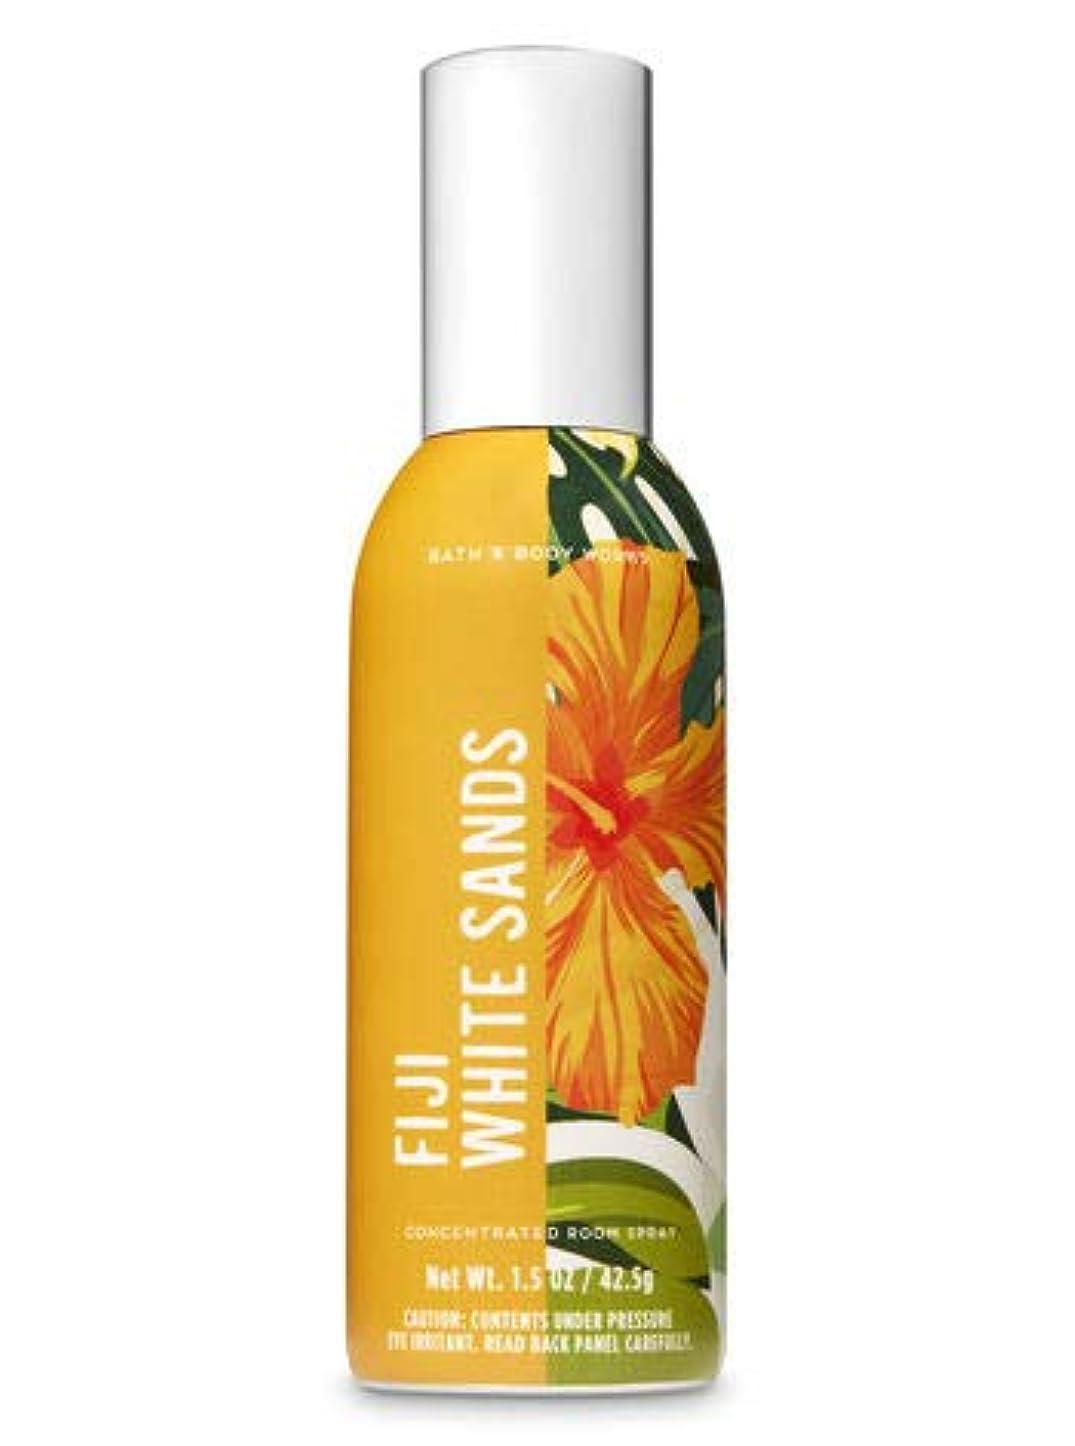 尽きるすぐに悲劇【Bath&Body Works/バス&ボディワークス】 ルームスプレー フィジーホワイトサンド 1.5 oz. Concentrated Room Spray/Room Perfume Fiji White Sands [並行輸入品]